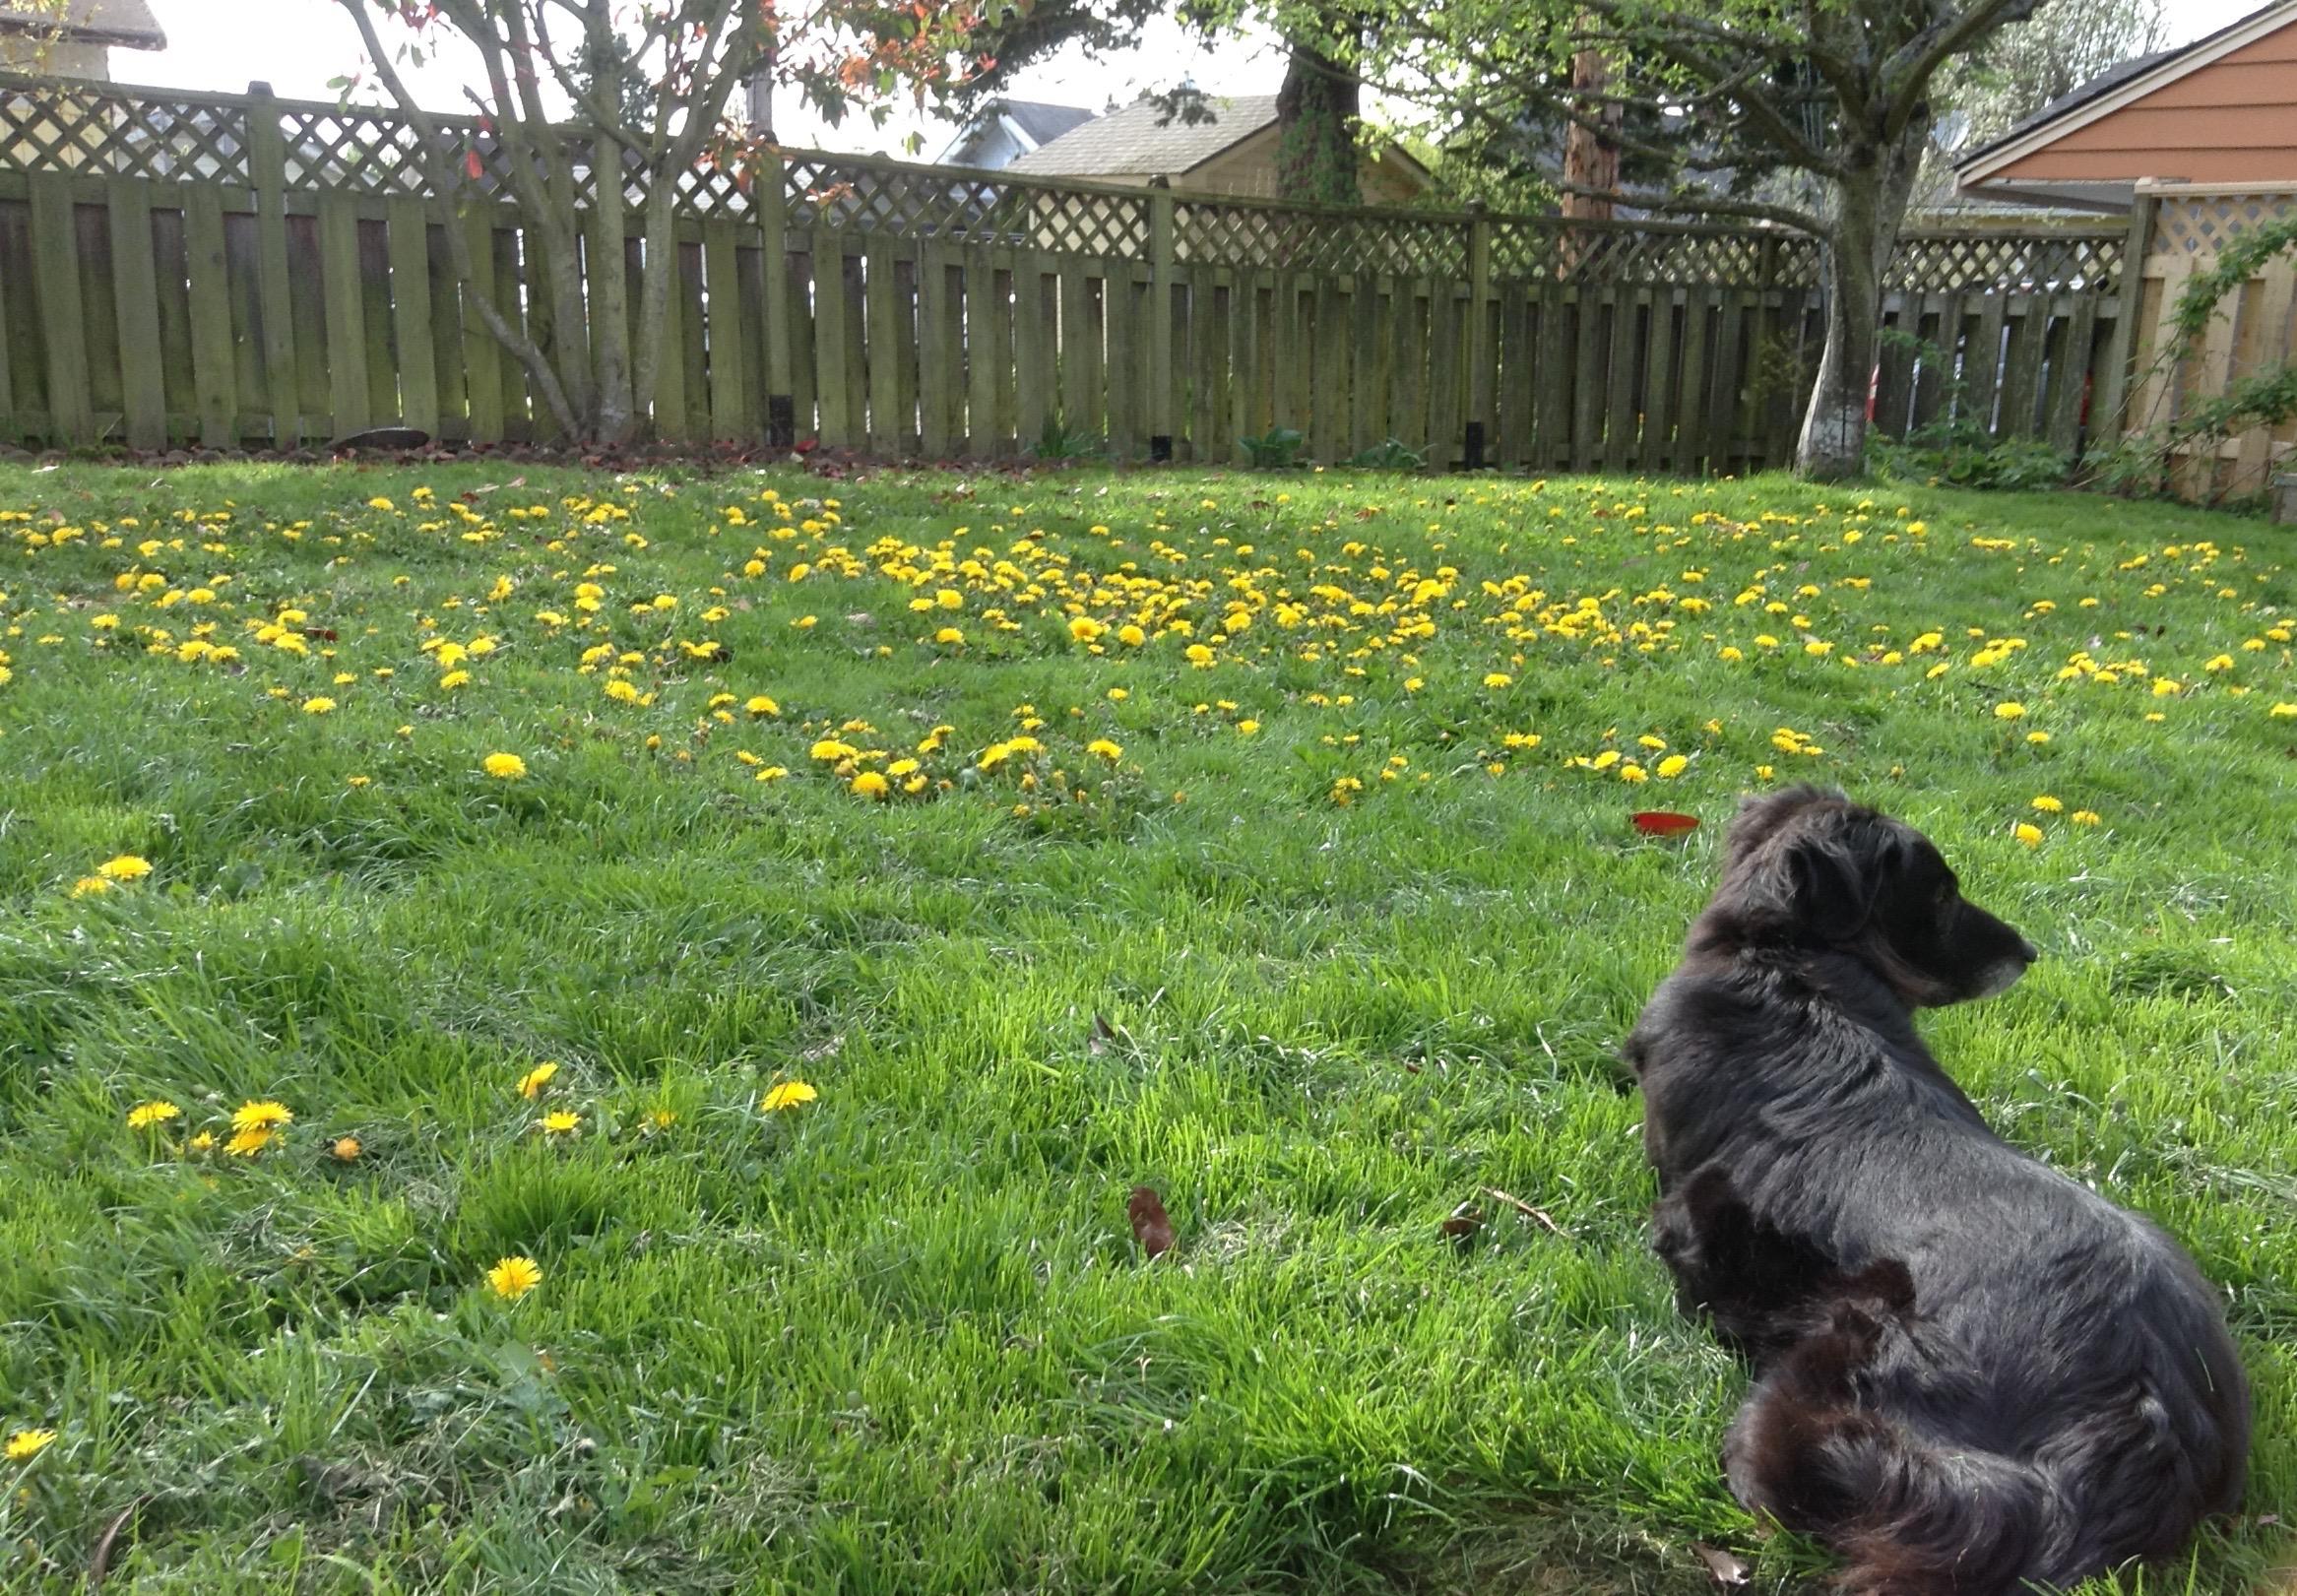 Dog in weedy yard